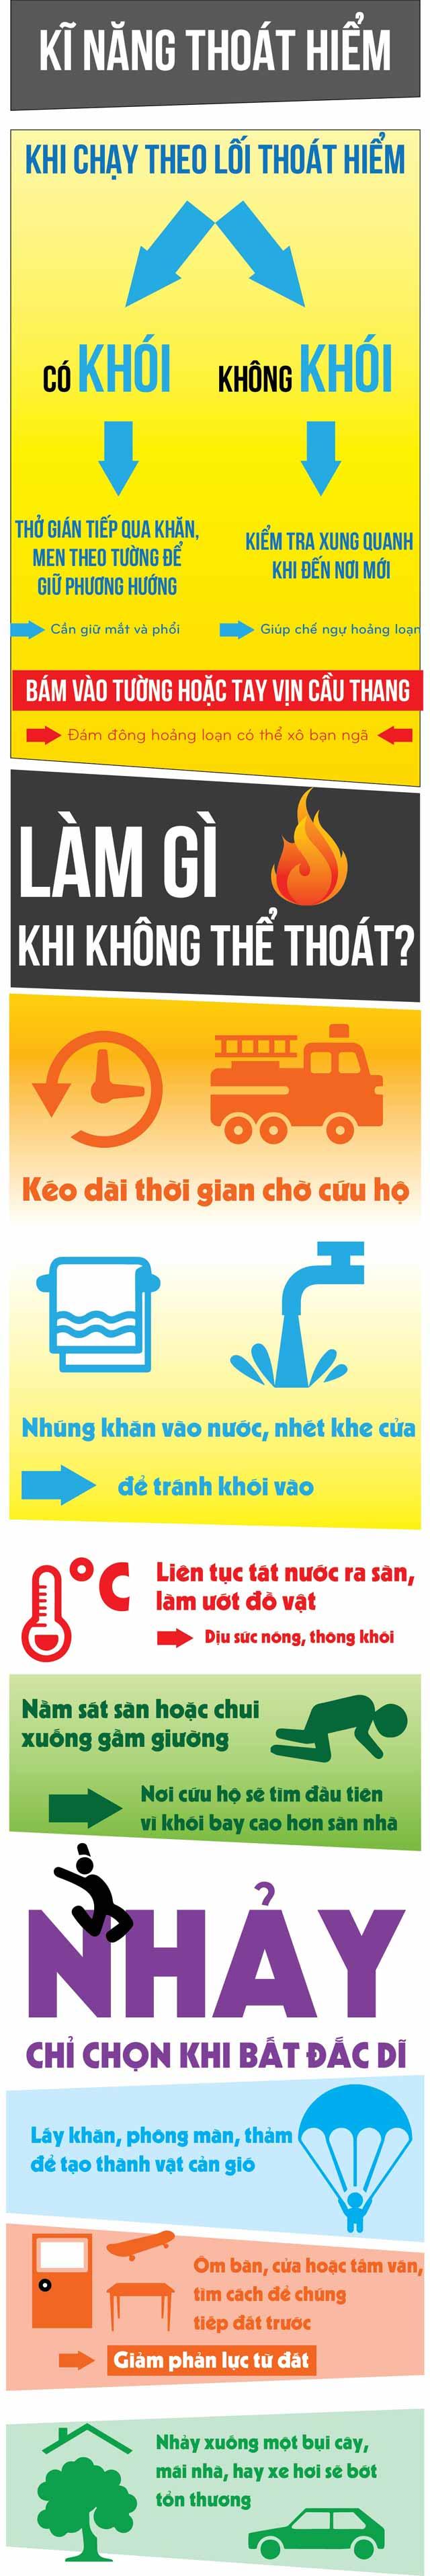 infographic: gap hoa hoan, lam gi khi khong co loi thoat? - 4